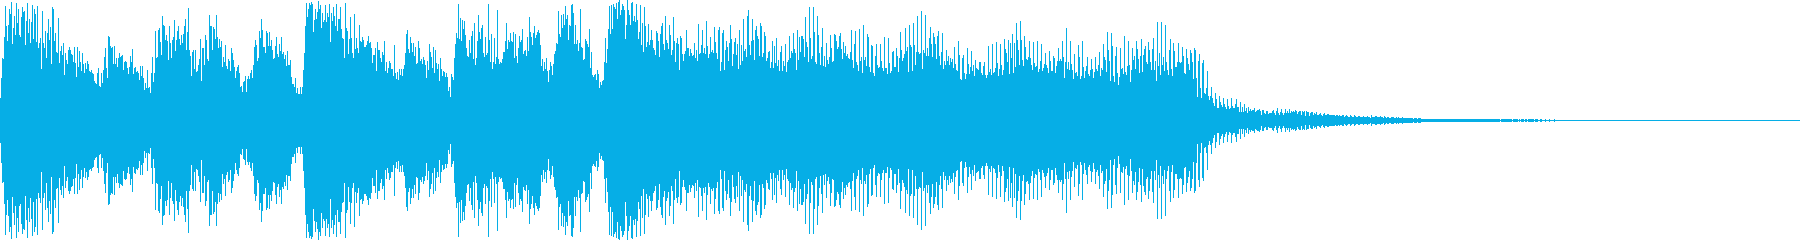 レベルUP・クリアの短めファンファーレの再生済みの波形